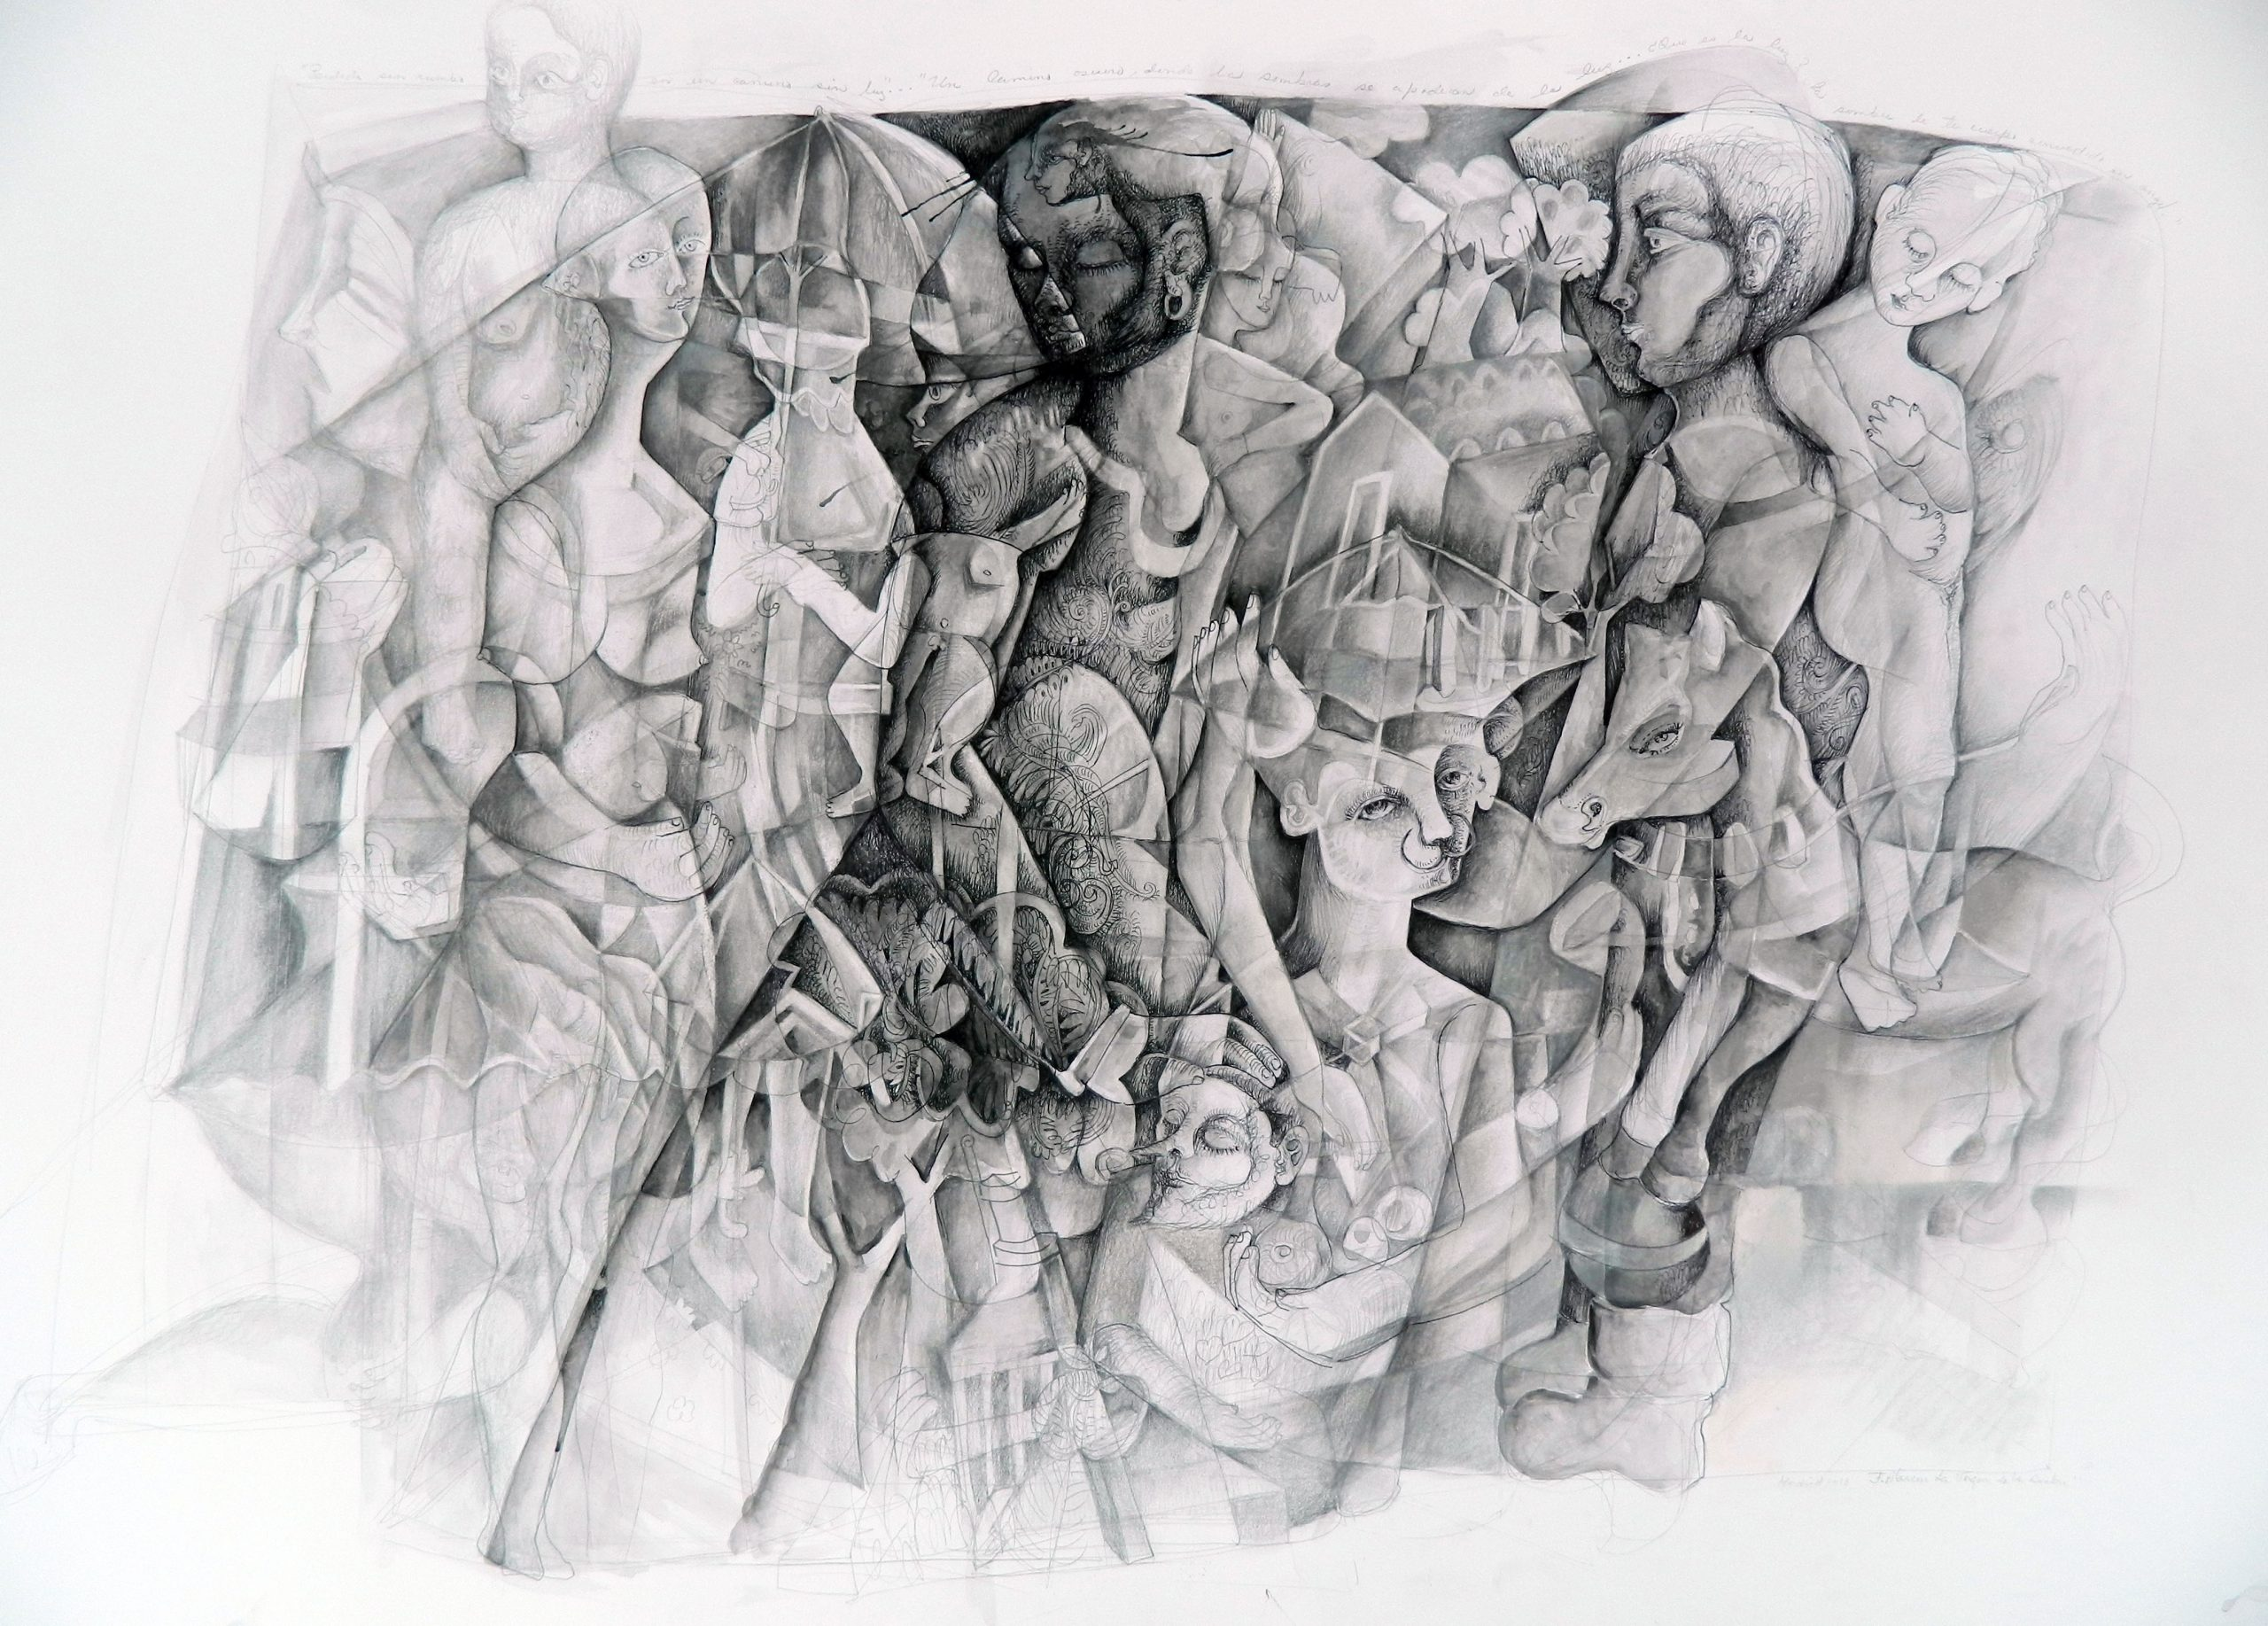 Serie Crónicas en Blanco y Negro, 2013